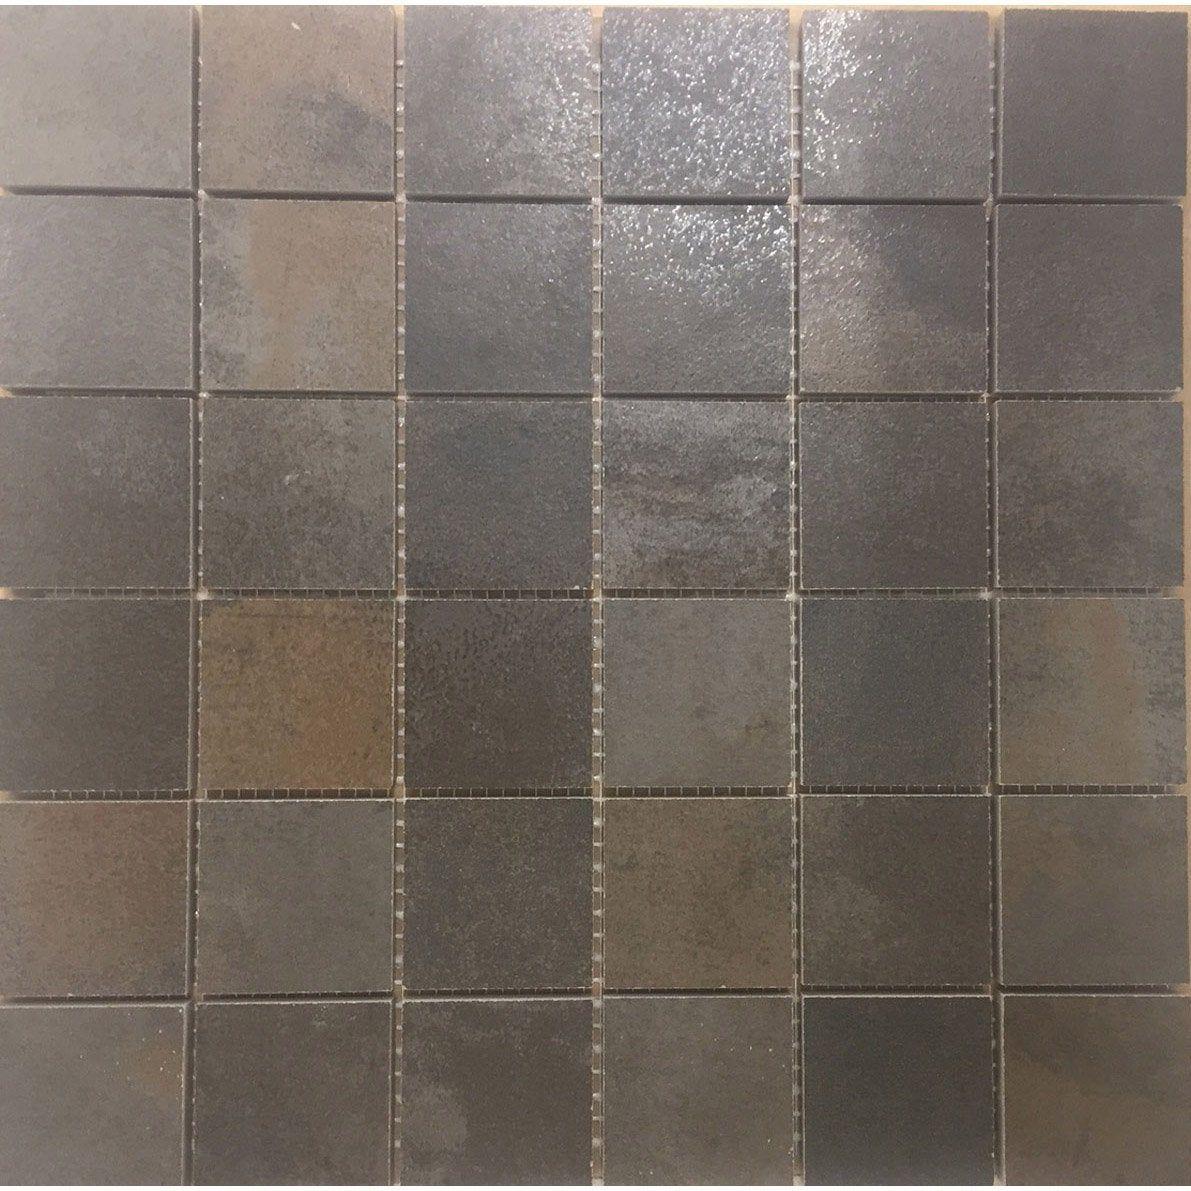 Mosaique Sol Et Mur Lamiera Marron 5 X 5 Cm Sol Et Mur Sol Mur